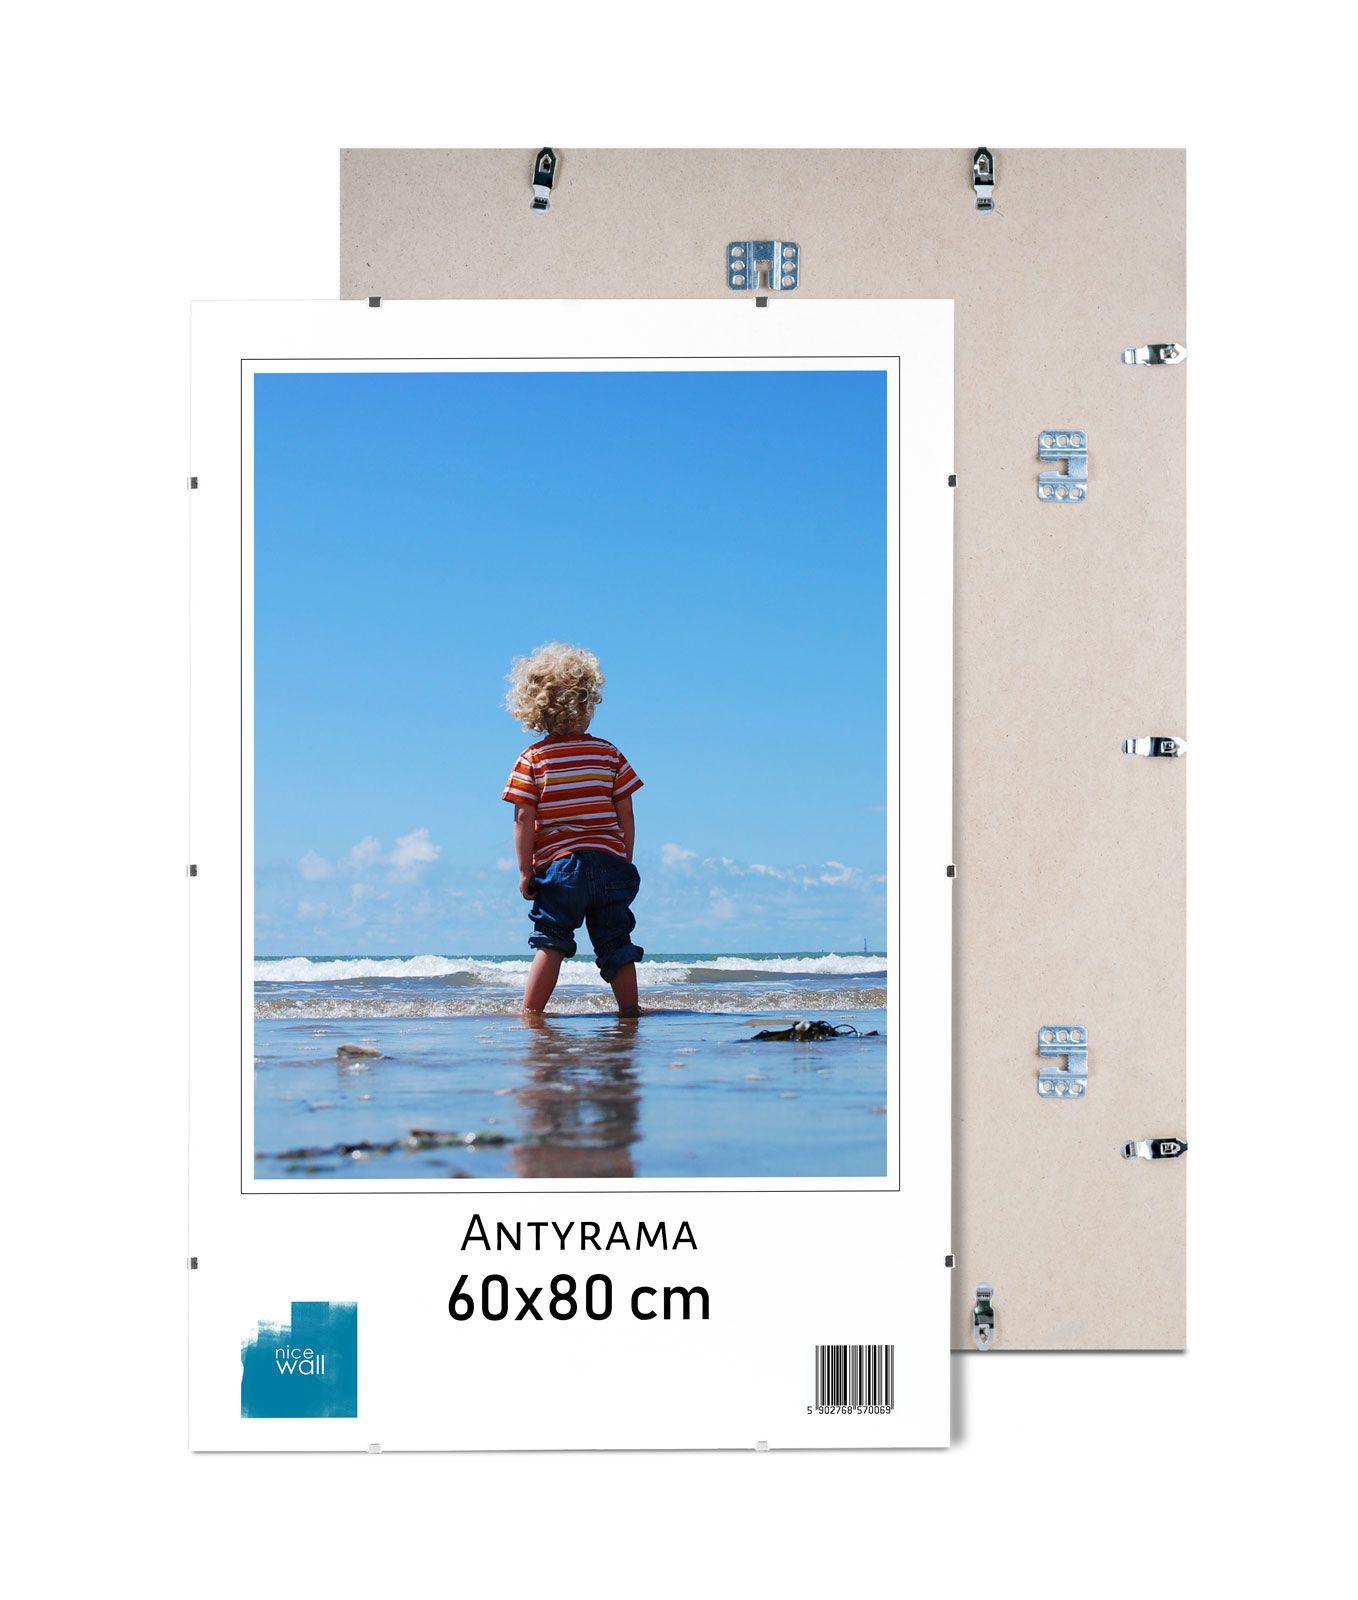 Antirama 60x80 cm ANTIRAMI 80X60CM A1